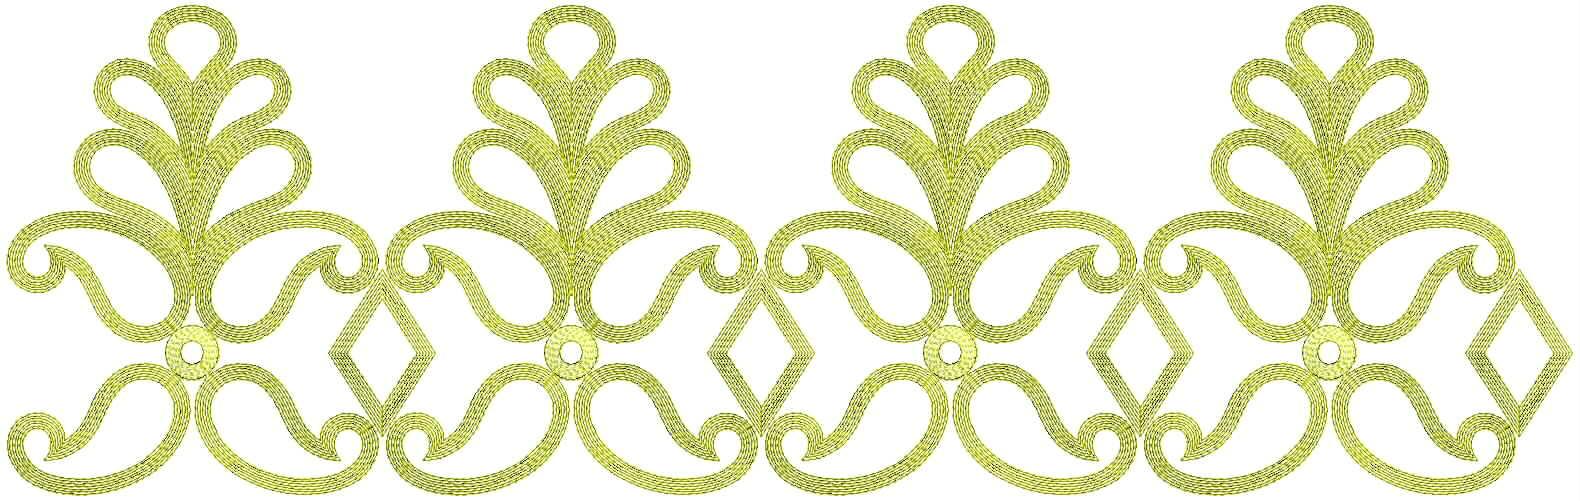 Lace Border Designs